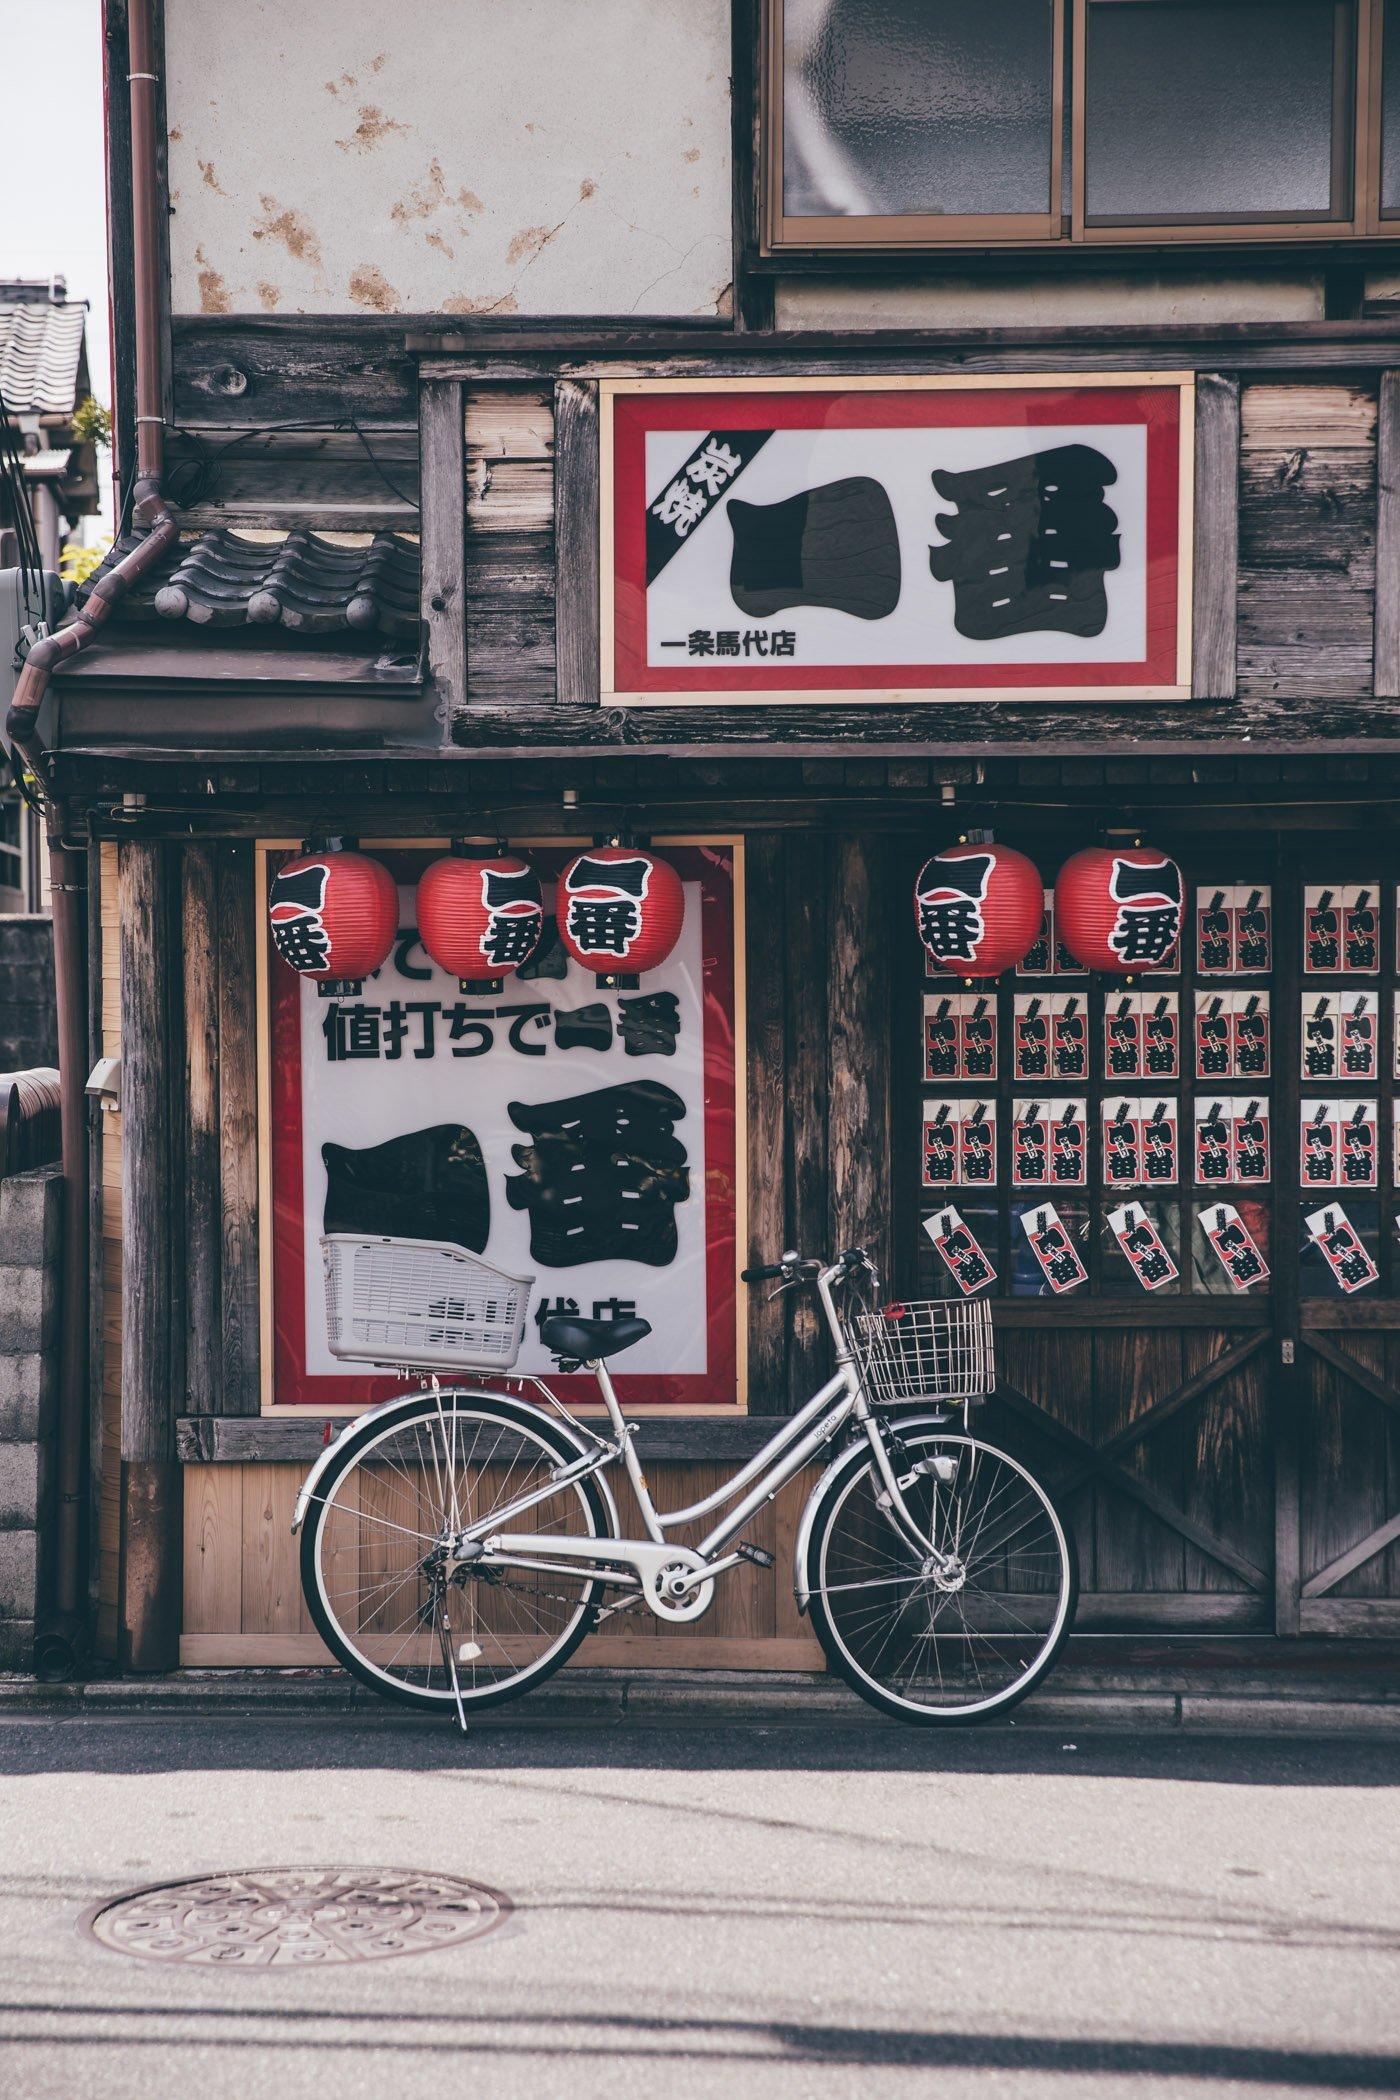 Street scene in Kyoto